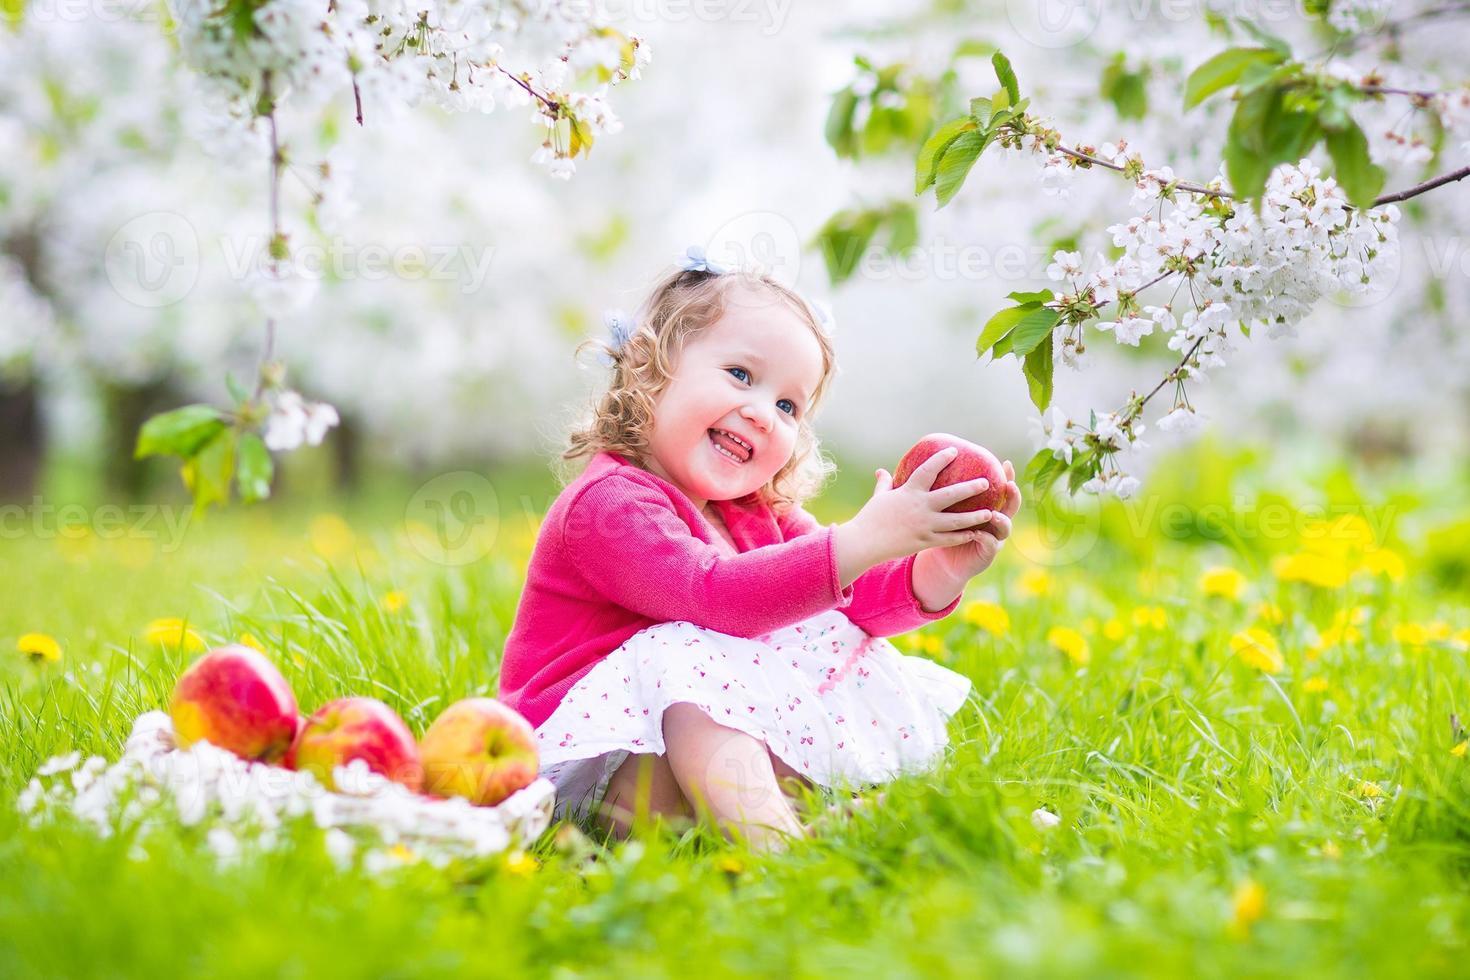 menina adorável criança comendo maçã em um jardim florescendo foto